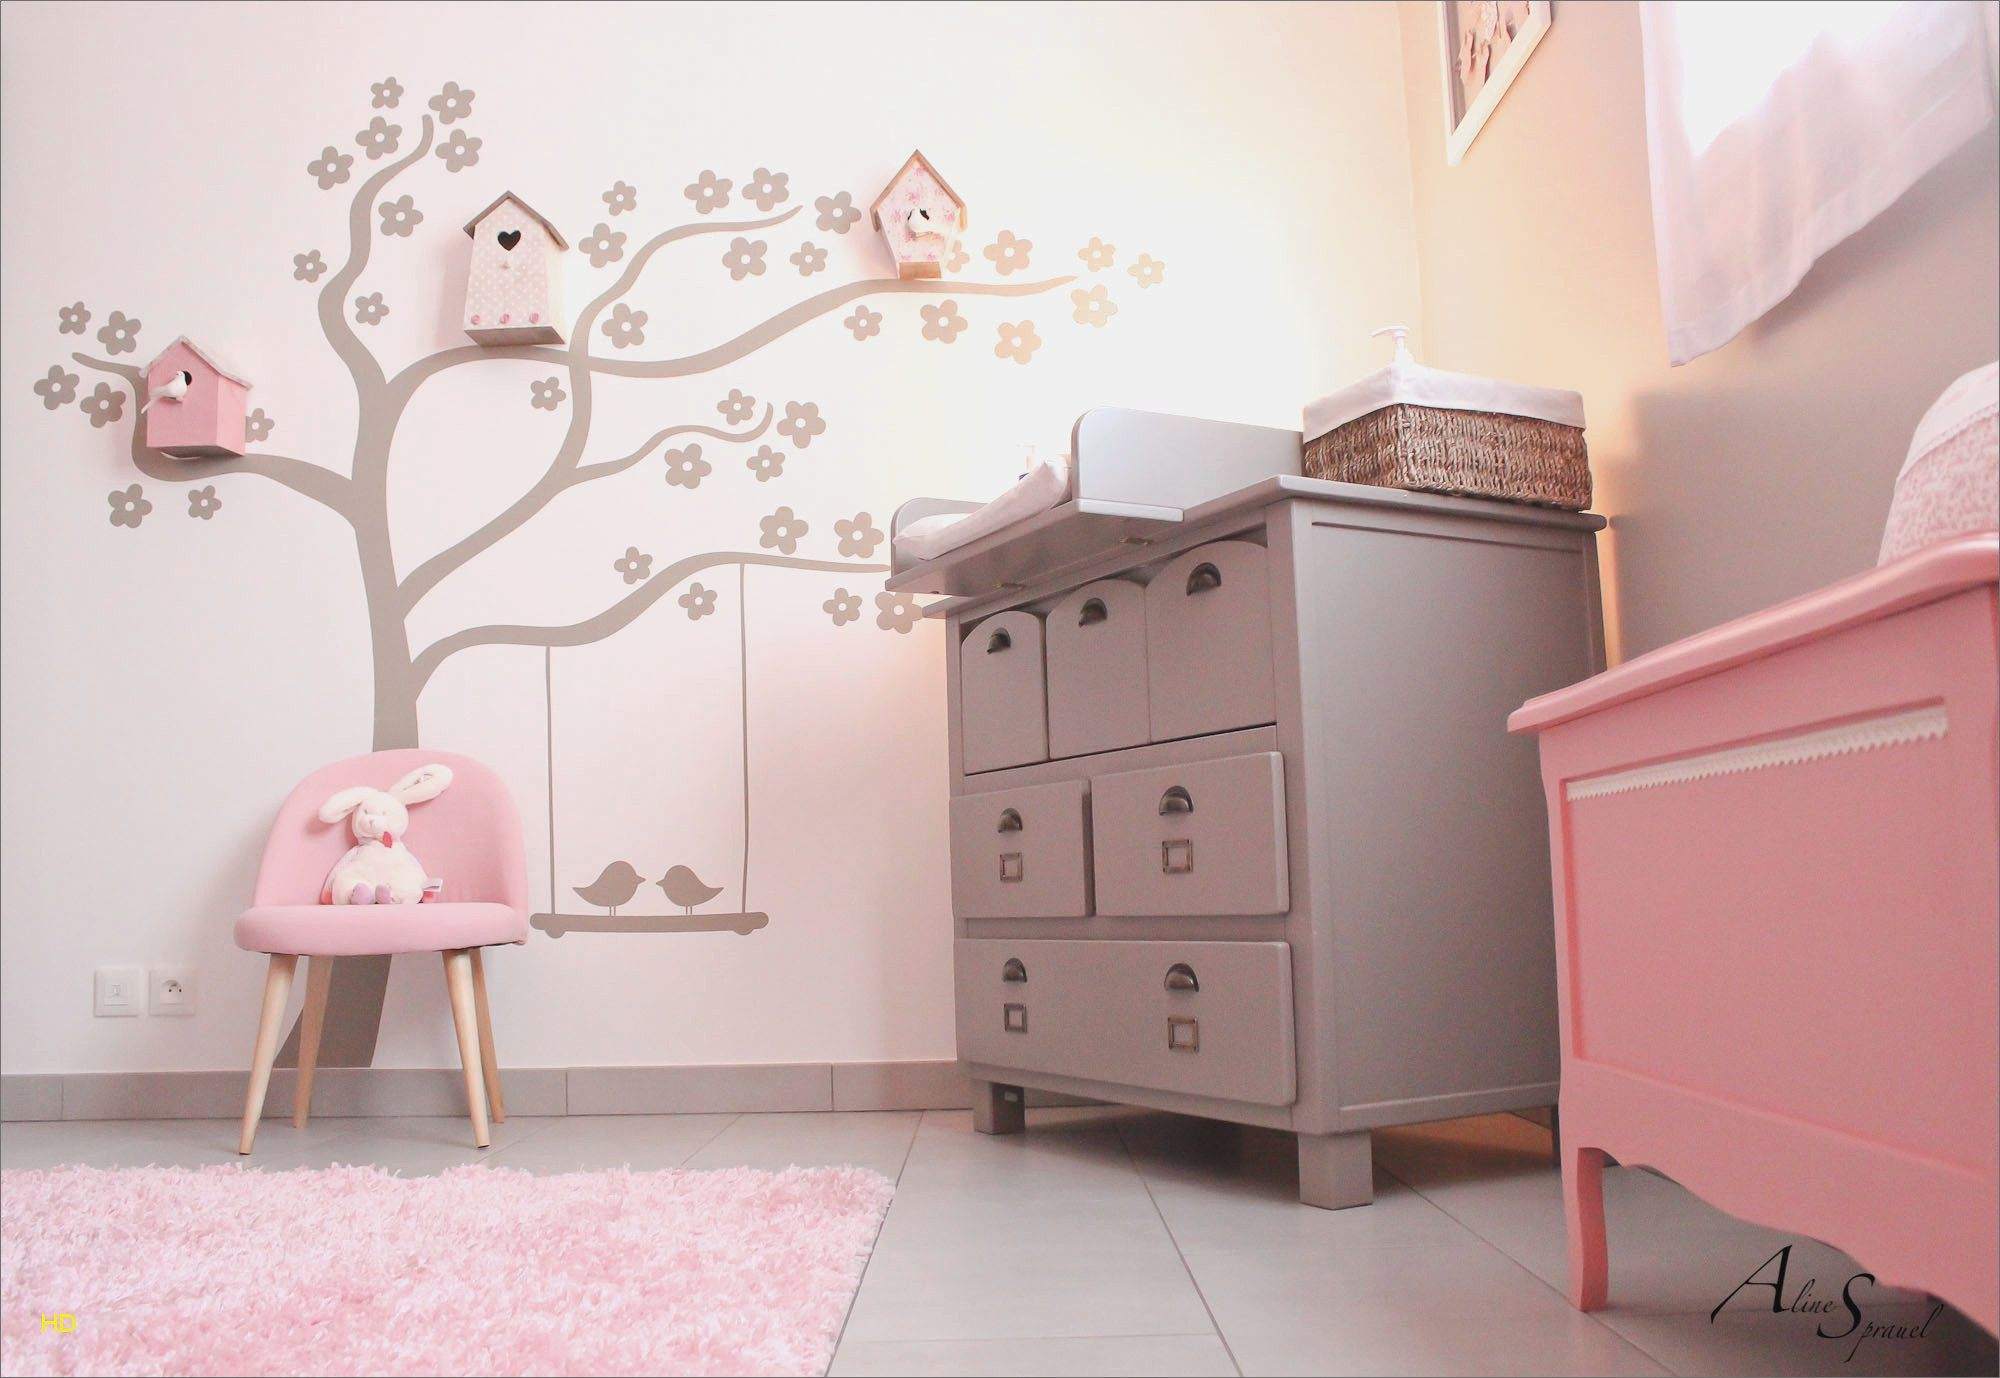 Lit Montessori Bébé 9 Mois Impressionnant Chaise Haute Bébé Kidsfurniturefarm